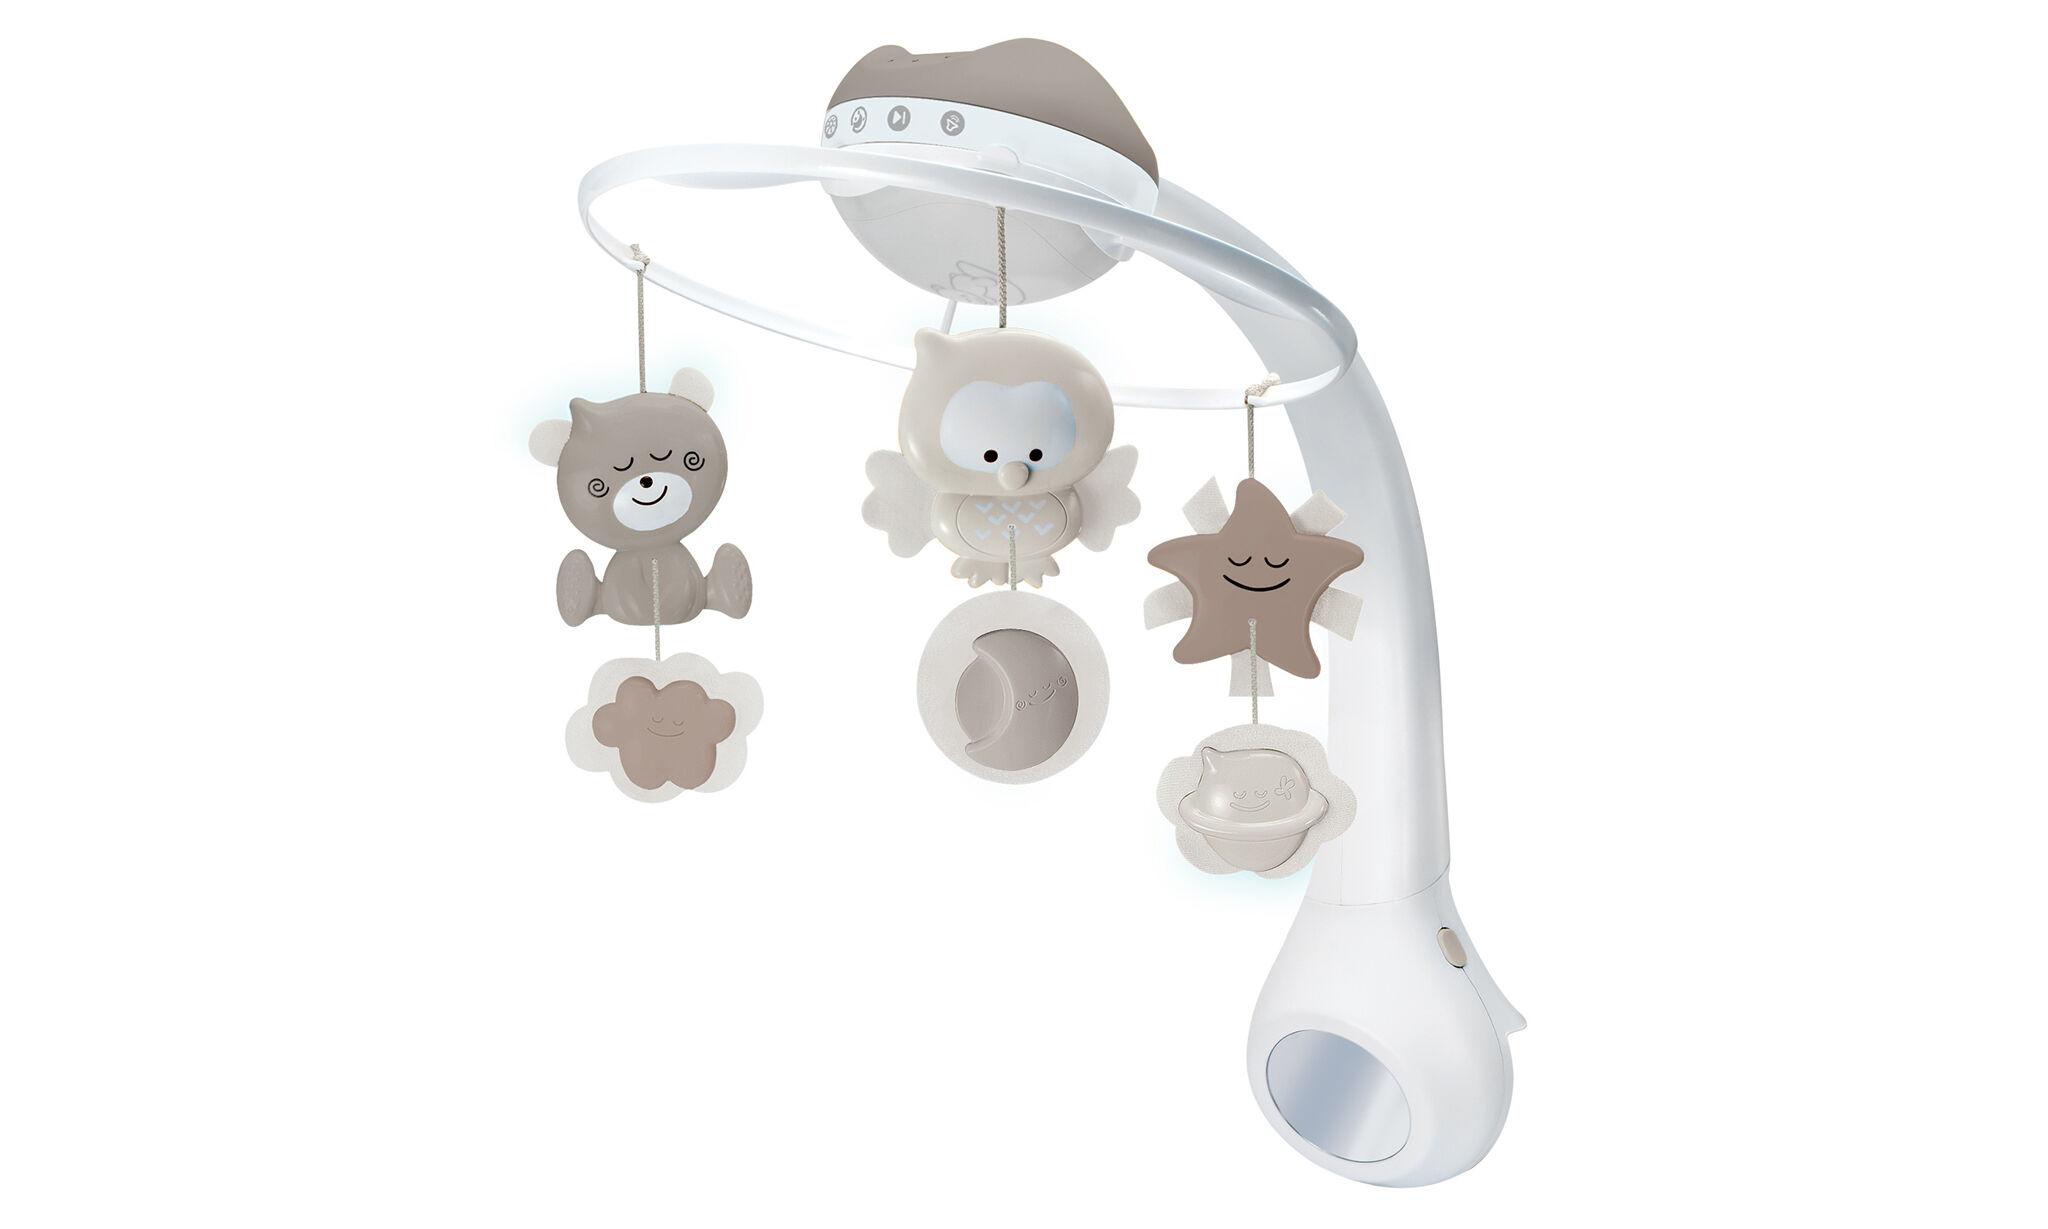 Infantino Veilleuse Infantino 3 en 1 pour enfants